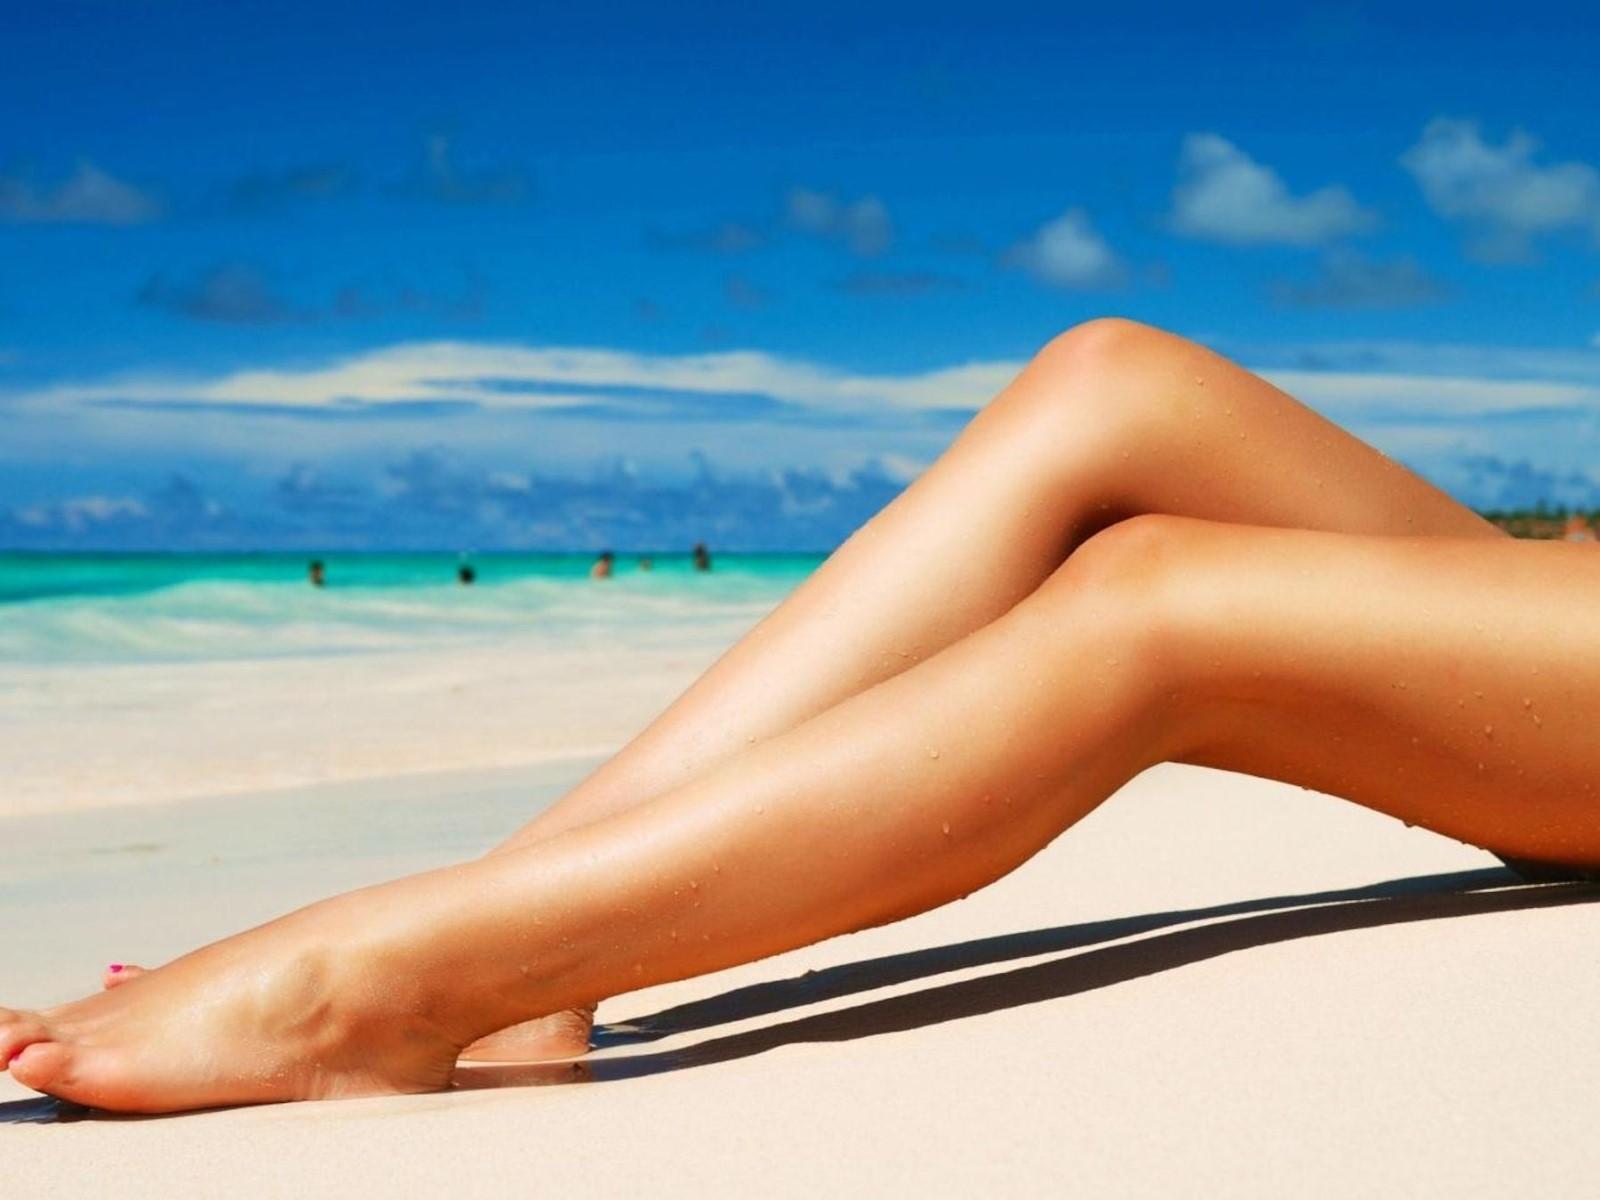 Как склеротерапия может обеспечить вам красивые ноги